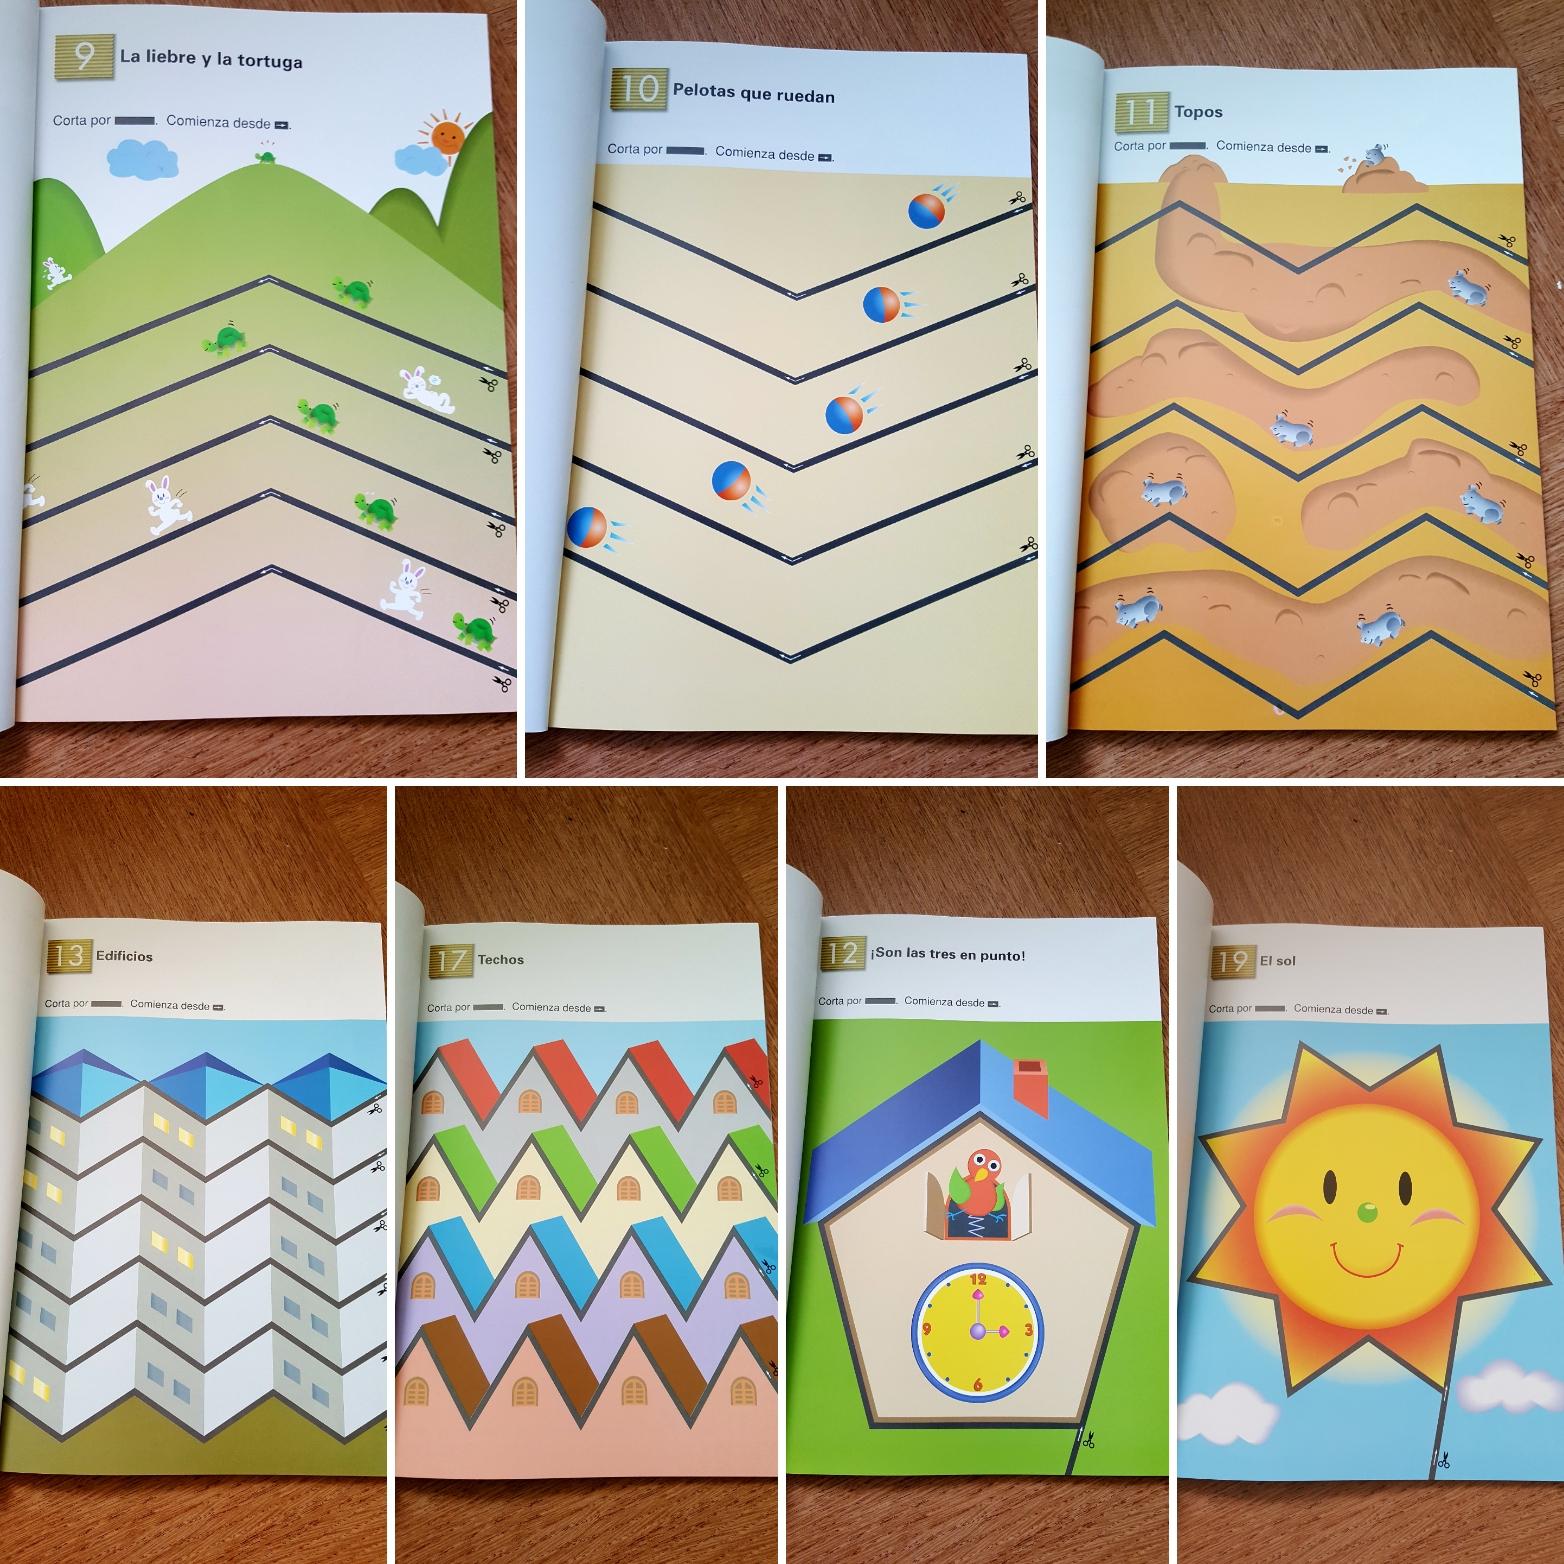 Un Superbe Fichier De Découpage Enfant: Recortar, Le Cahier concernant Decoupage Pour Enfant